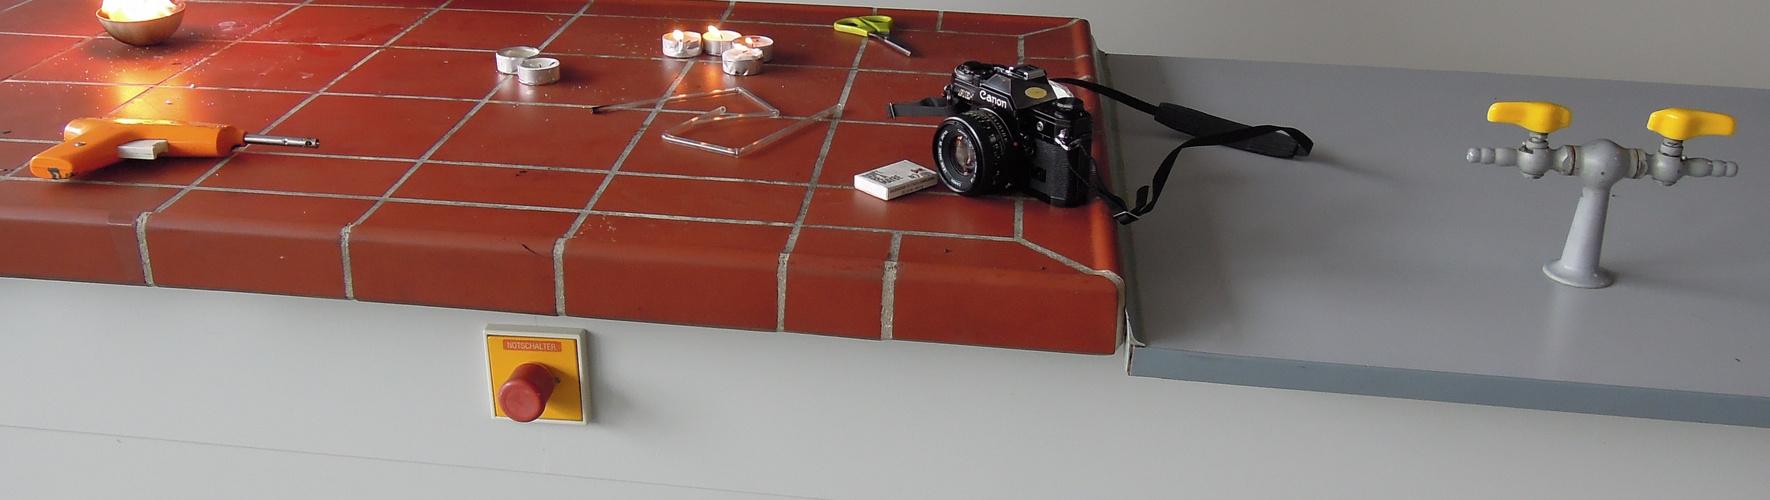 Canon AE-1 als Dokumetationsgerät im Chemieraum